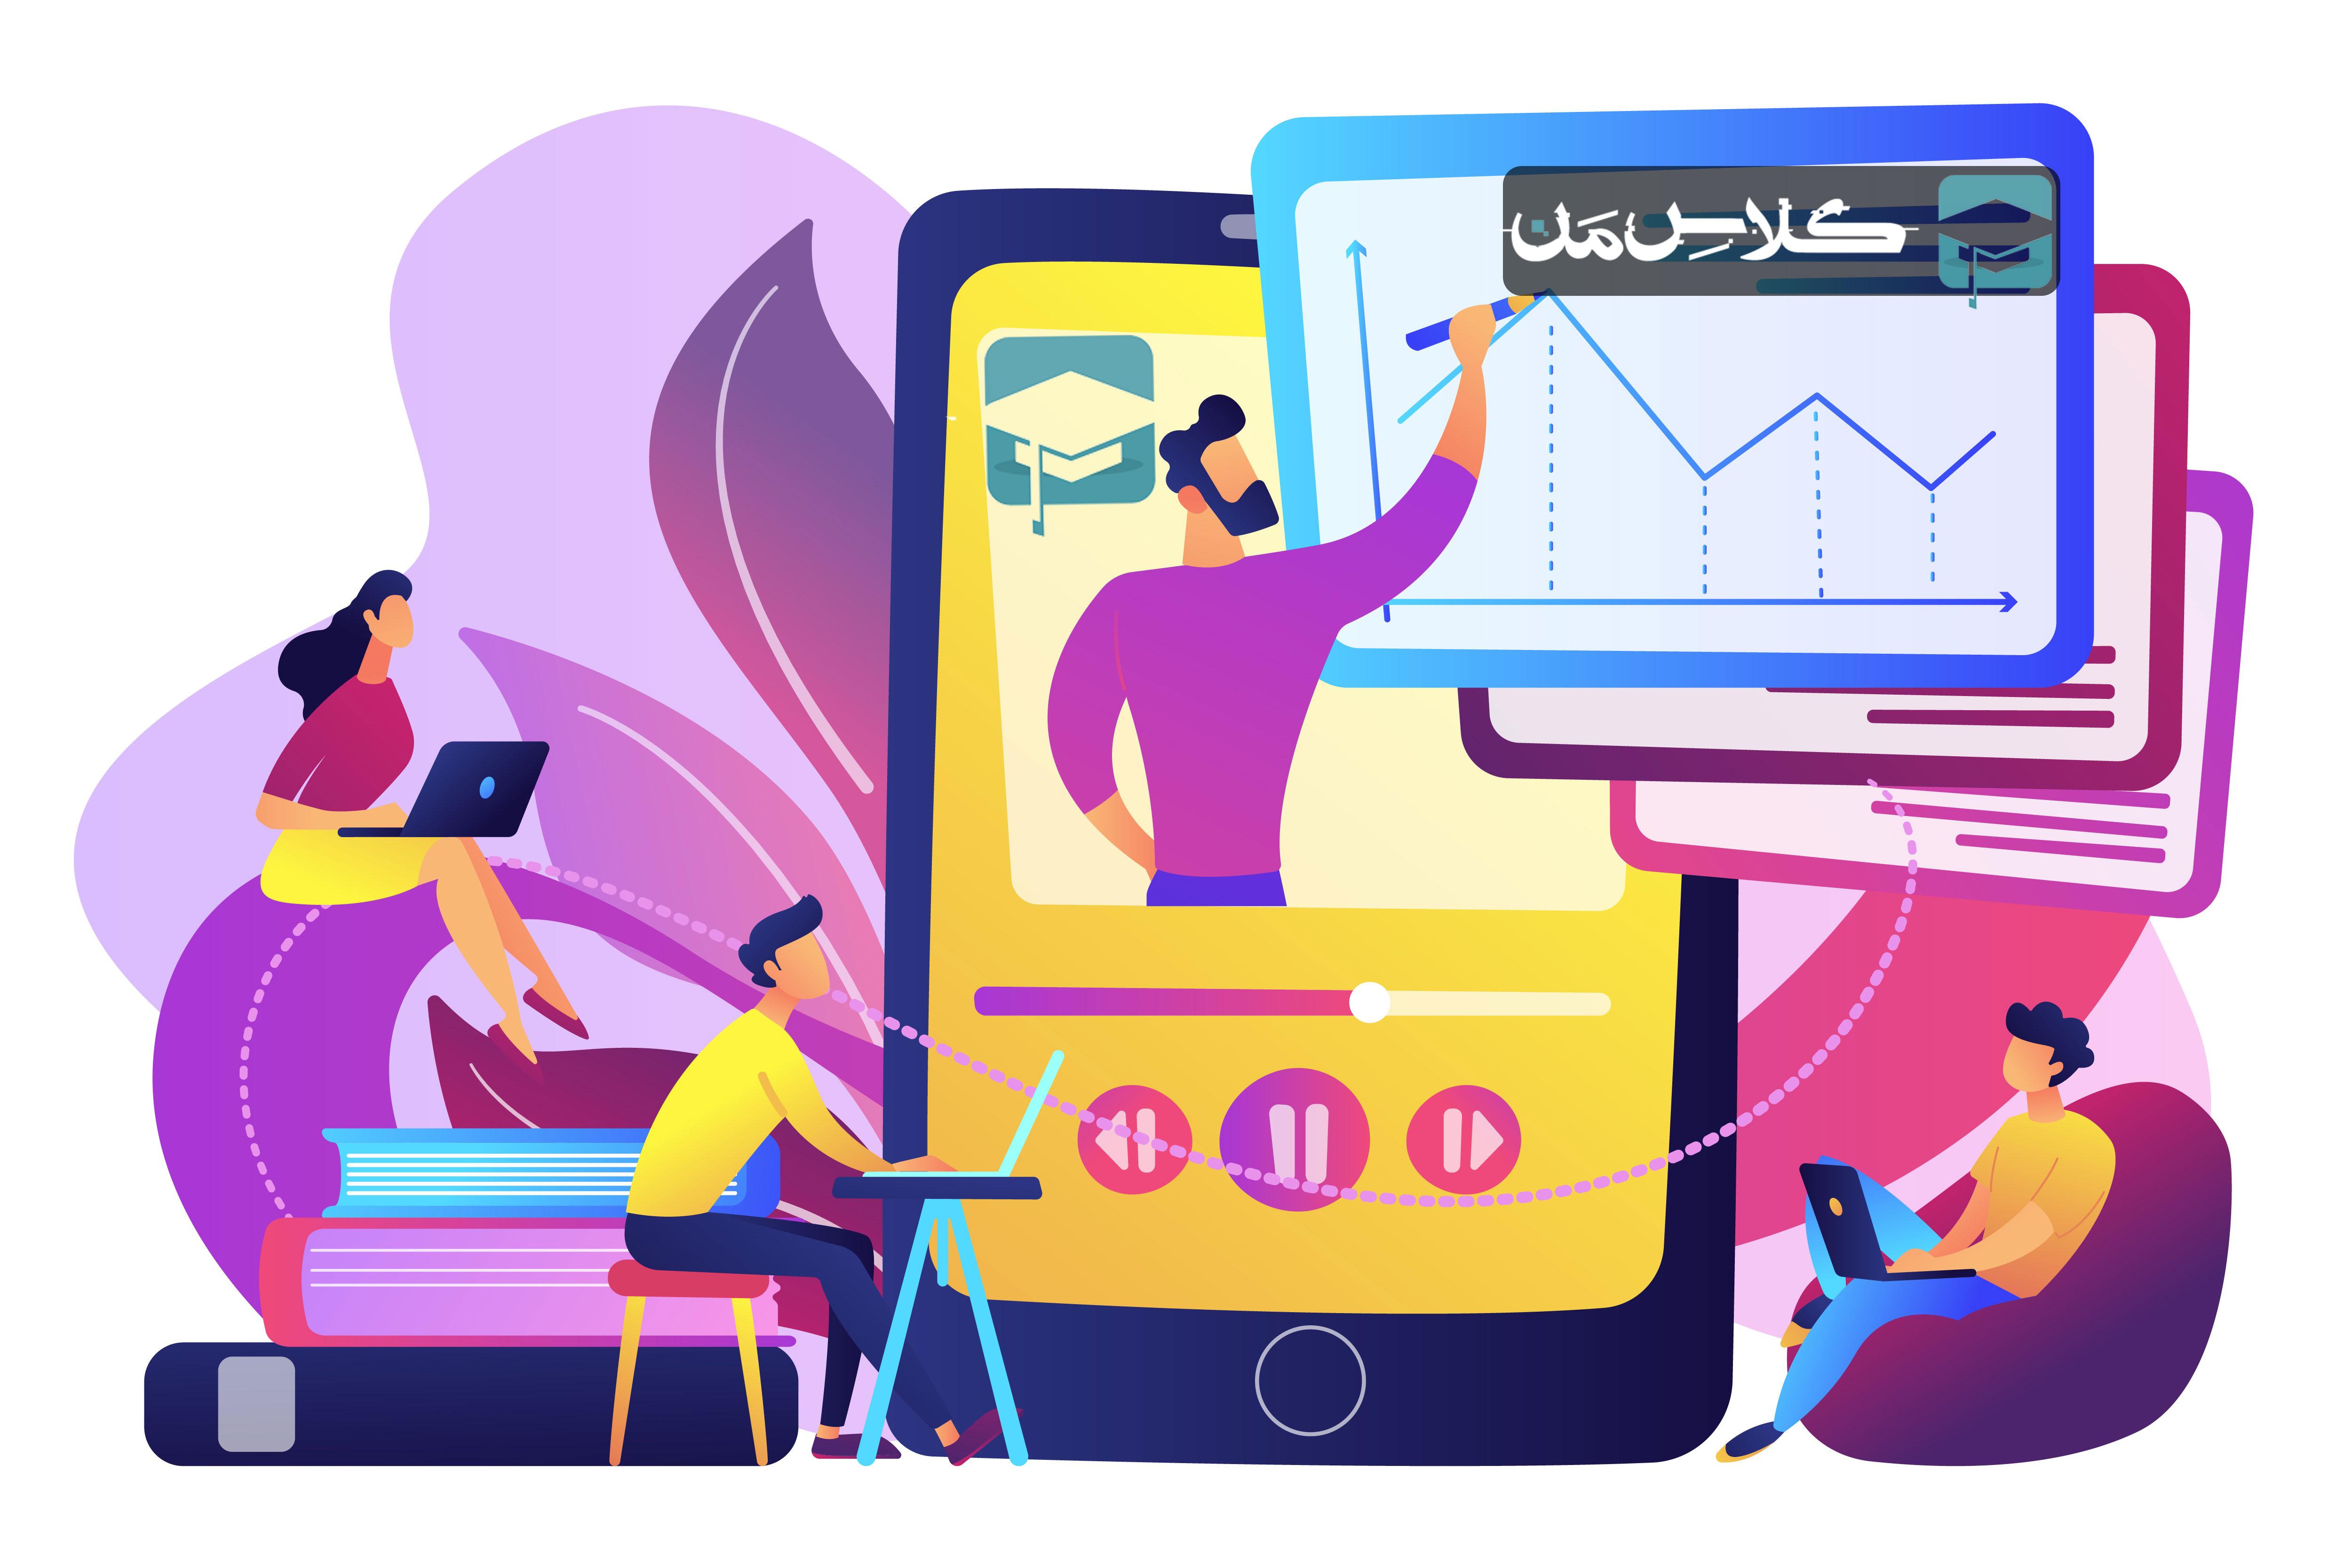 نرم افزار تدریس مجازی رایگان کلاس من | تدریس مجازی رایگان